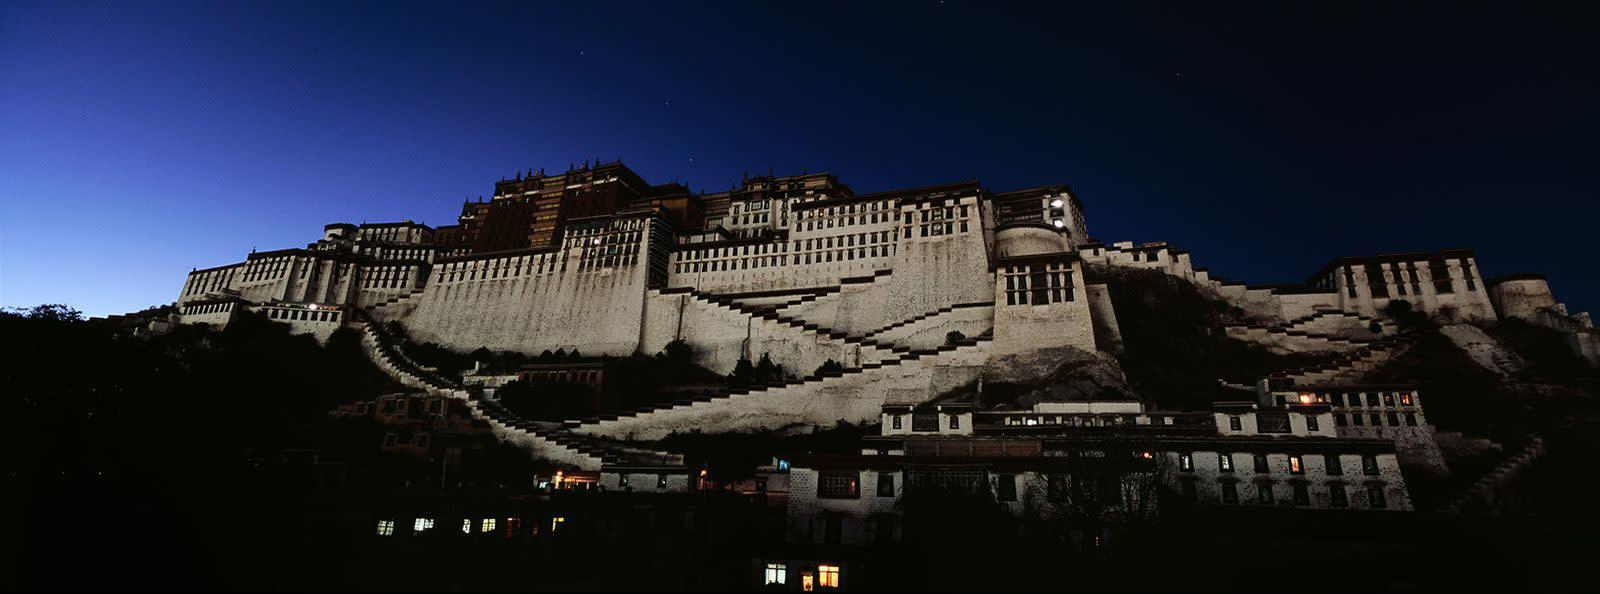 Matjaž Krivic, potala palace lhasa, tibet